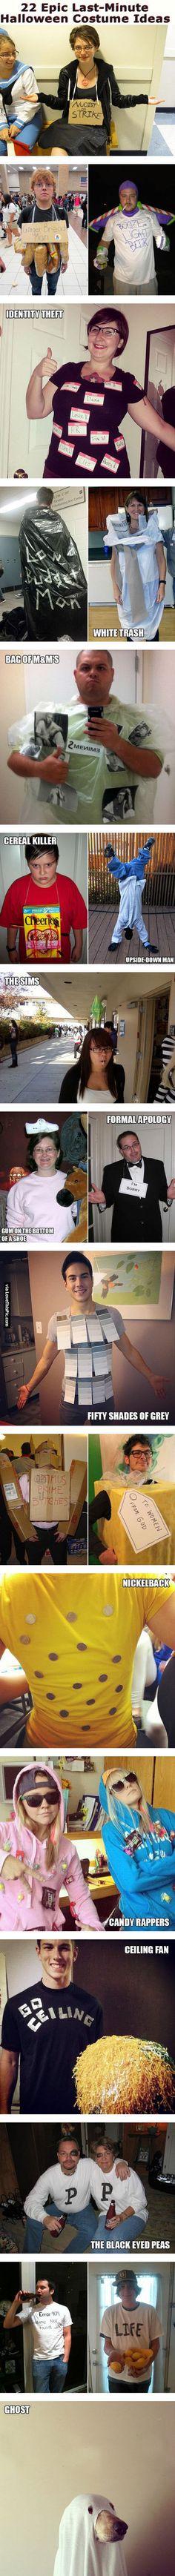 22 Epic Last Minute Halloween Costume Ideas